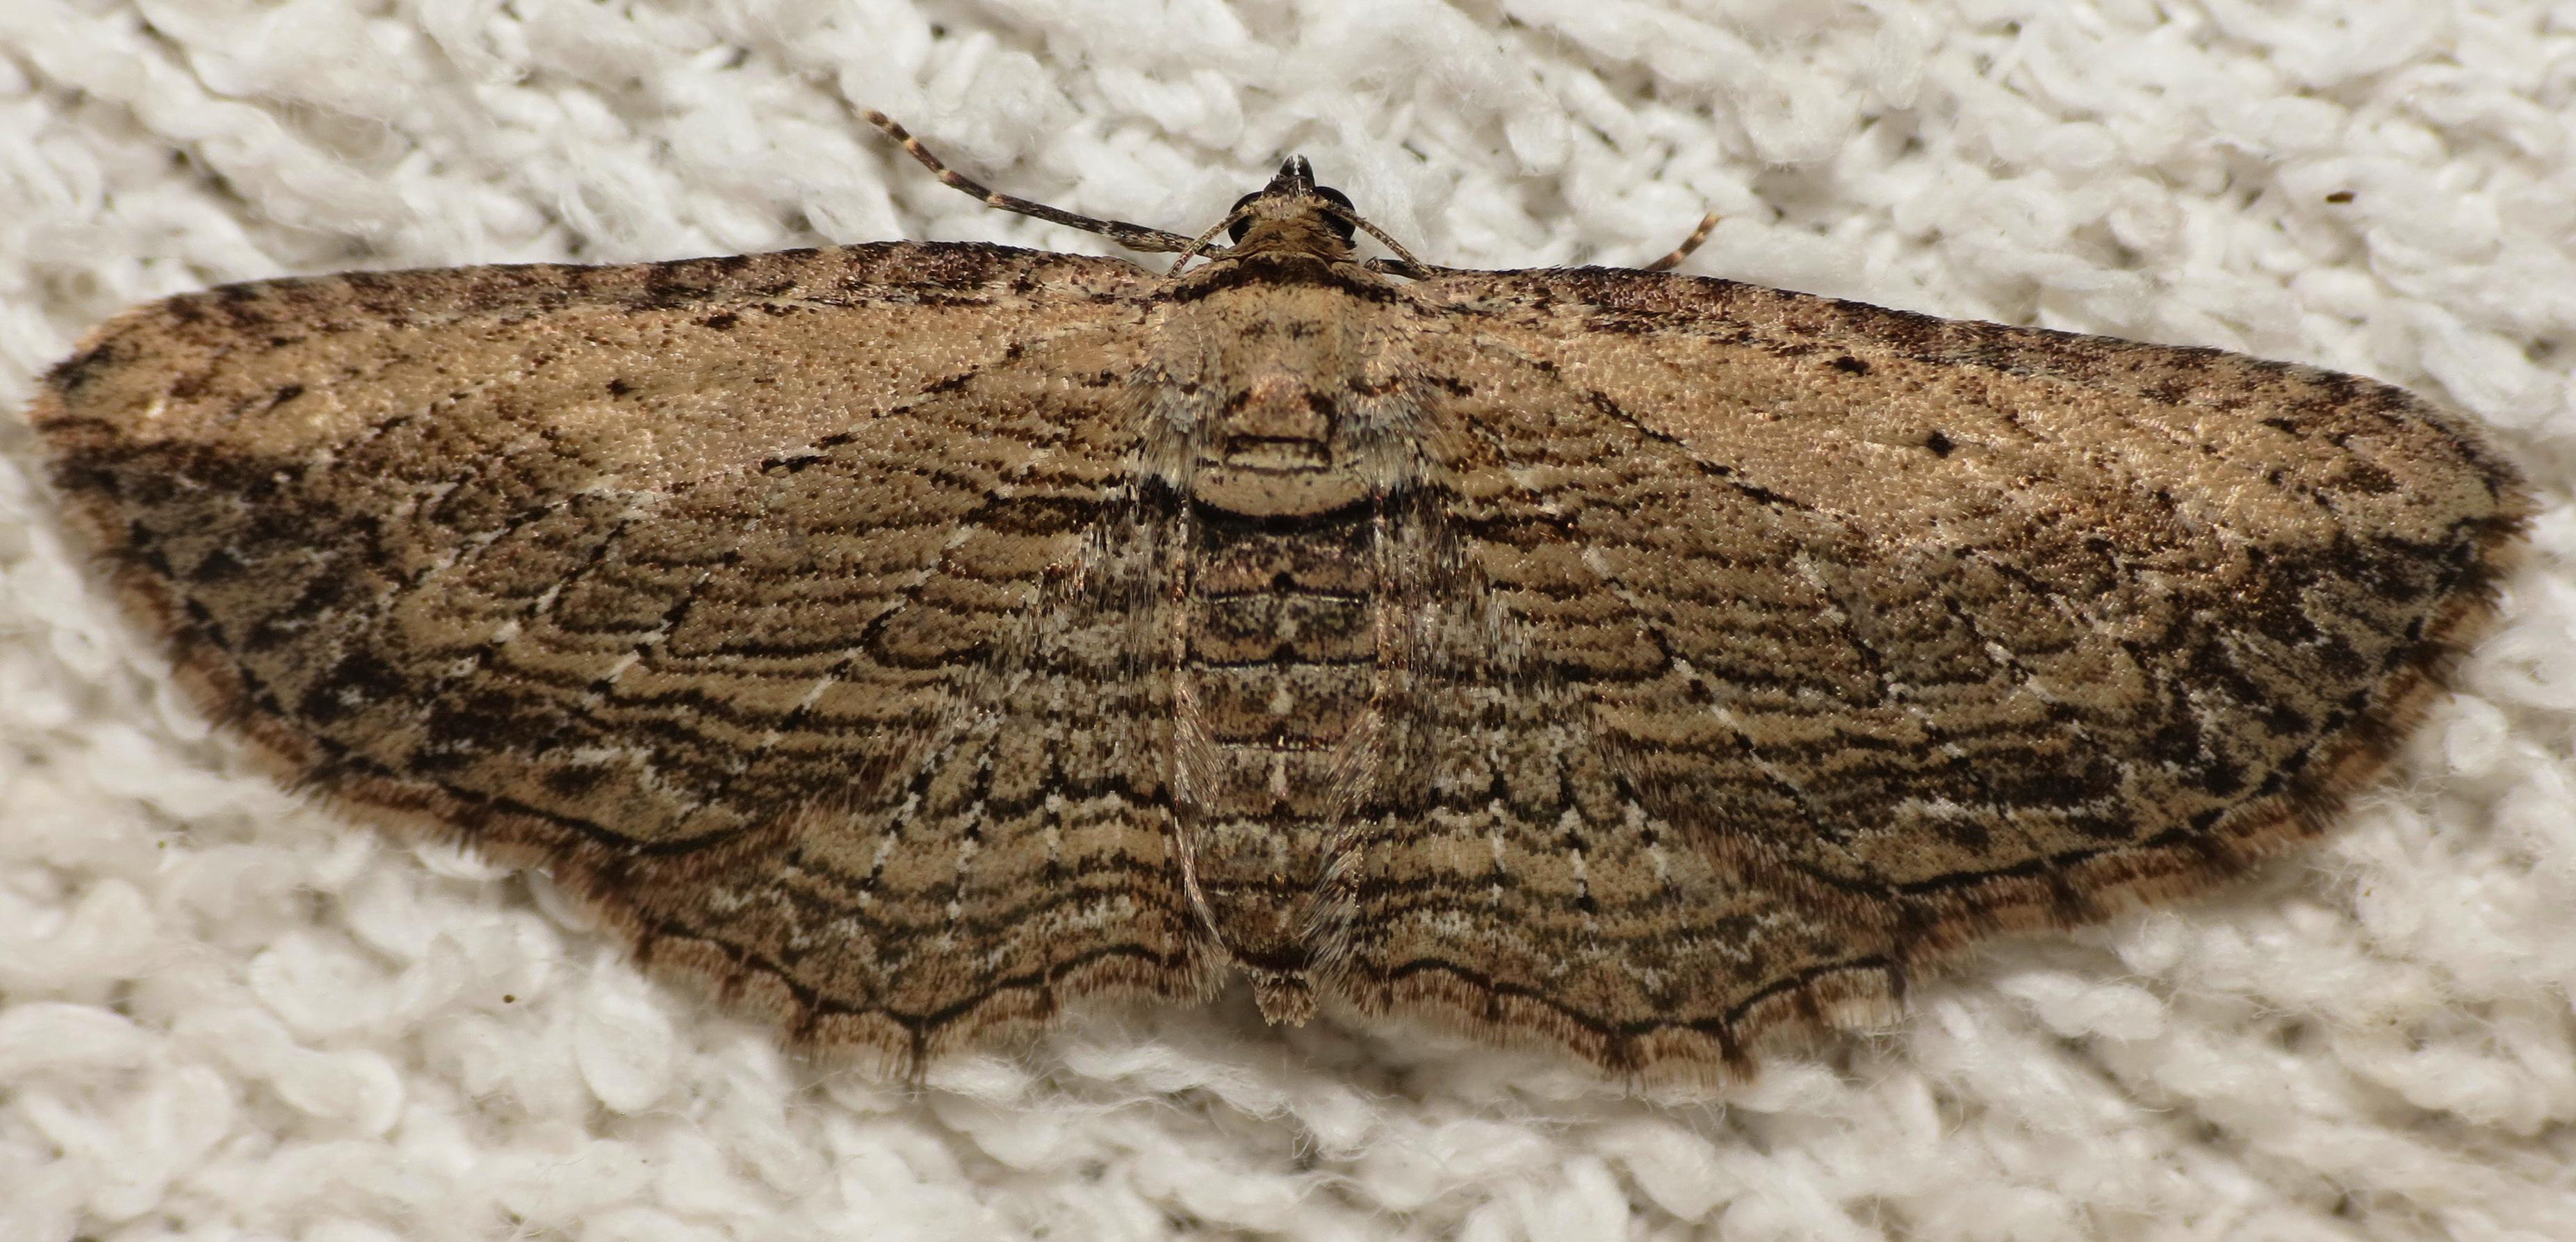 Brown Bark Carpet Horisme intestinata (Guenee, 1857) | Butterflies ...